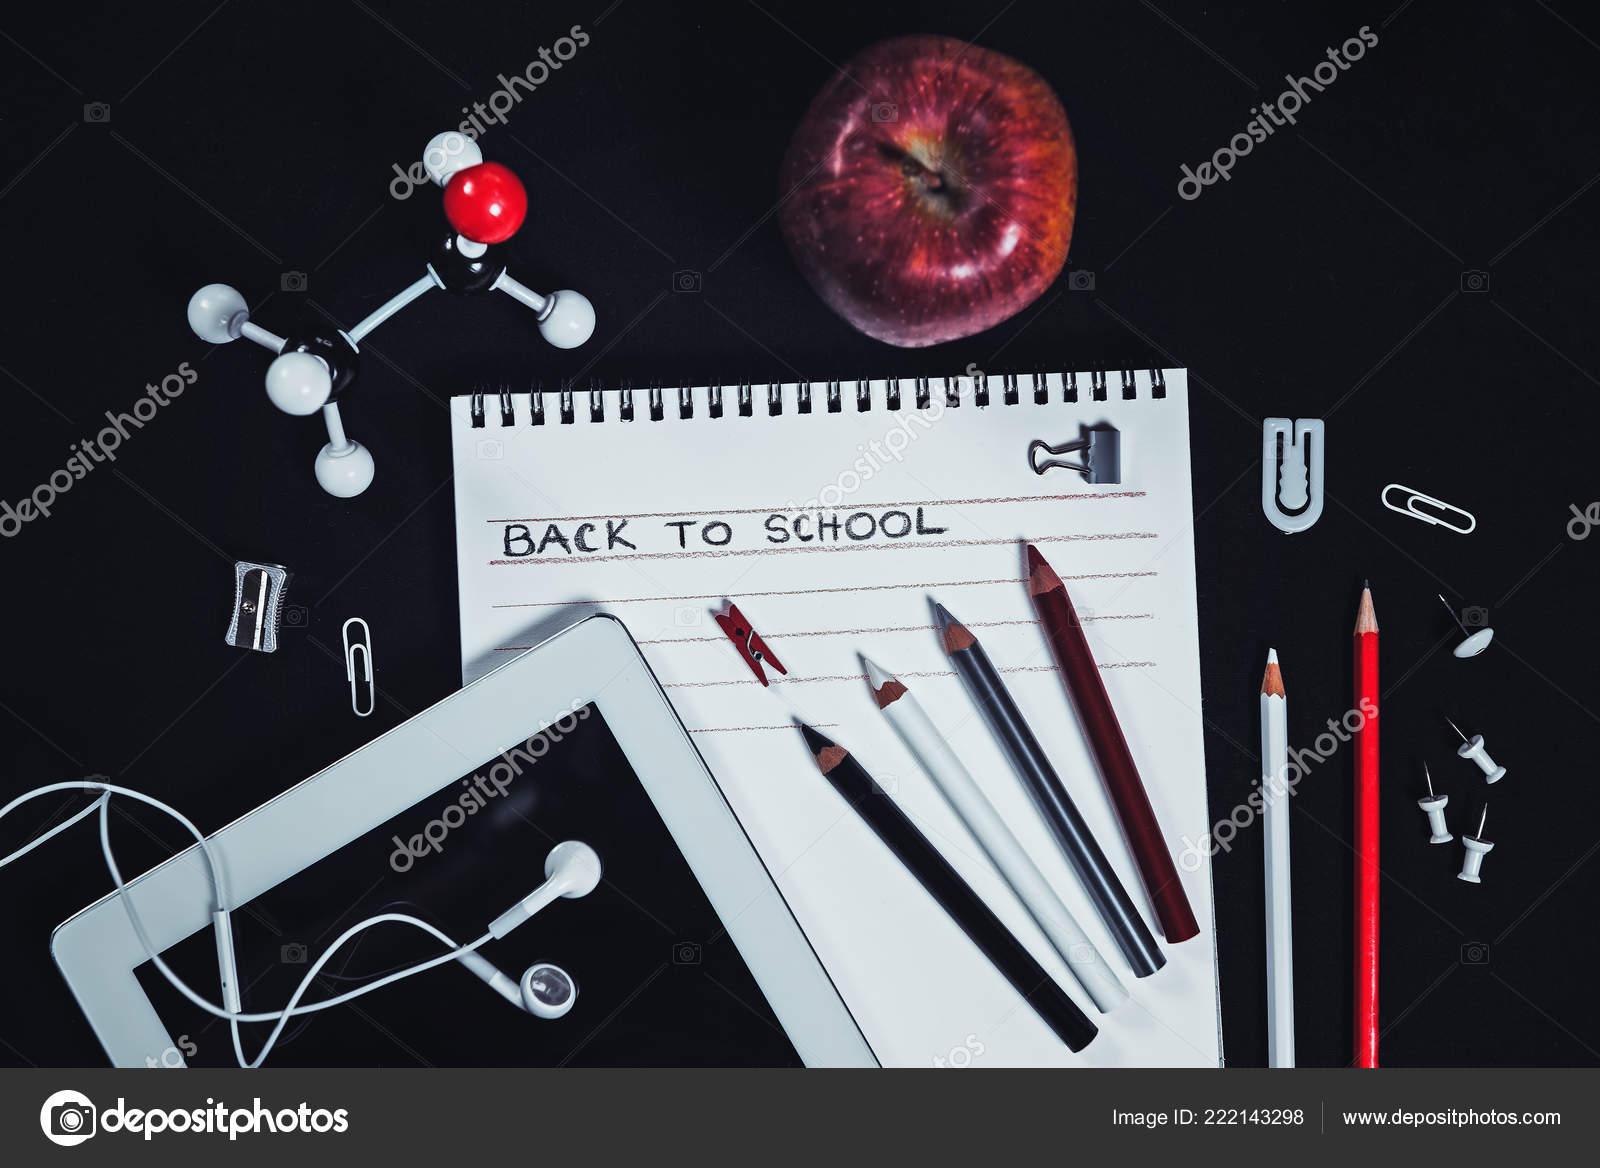 389026d7585 Σύνθεση με κόκκινο, μαύρο και άσπρο σχολικών ειδών σε μαύρο φόντο. Πίσω στο σχολείο  έννοια.